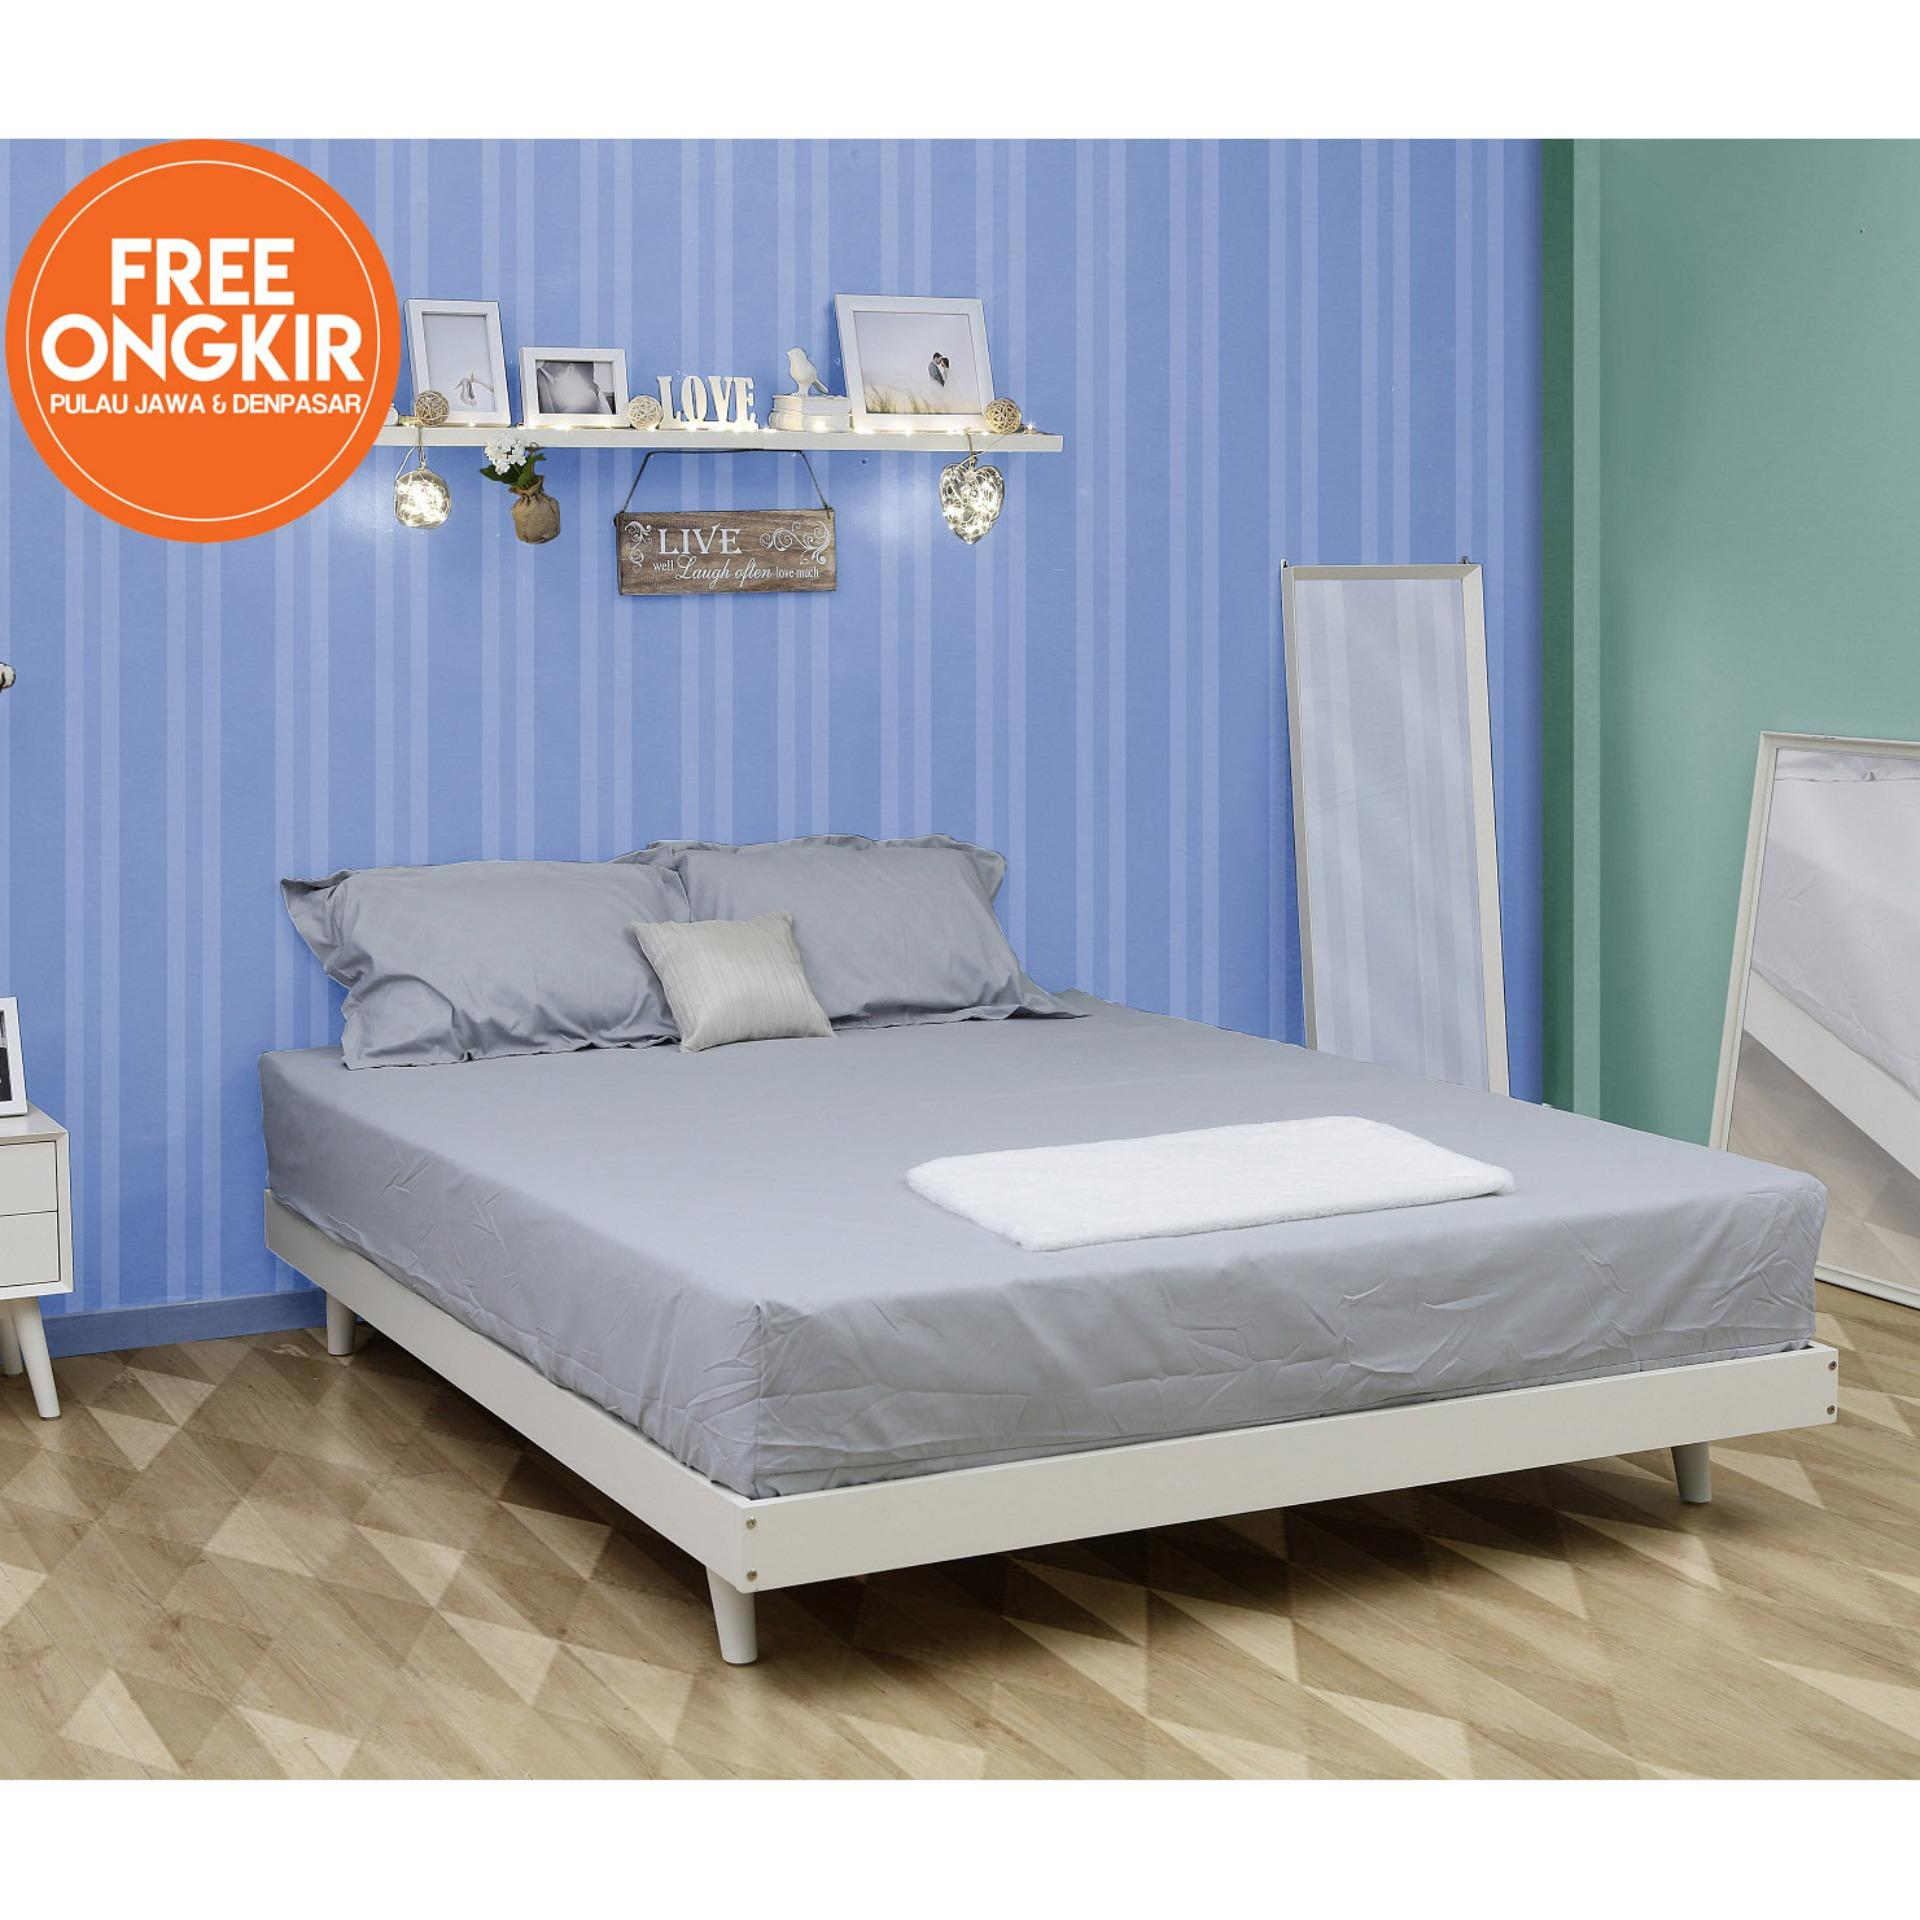 iFurnholic GPW Single Bed 120 - Ranjang / Tempat Tidur - PutihTulang - Pemgiriman Gratis Pulau Jawa dan Denpasar